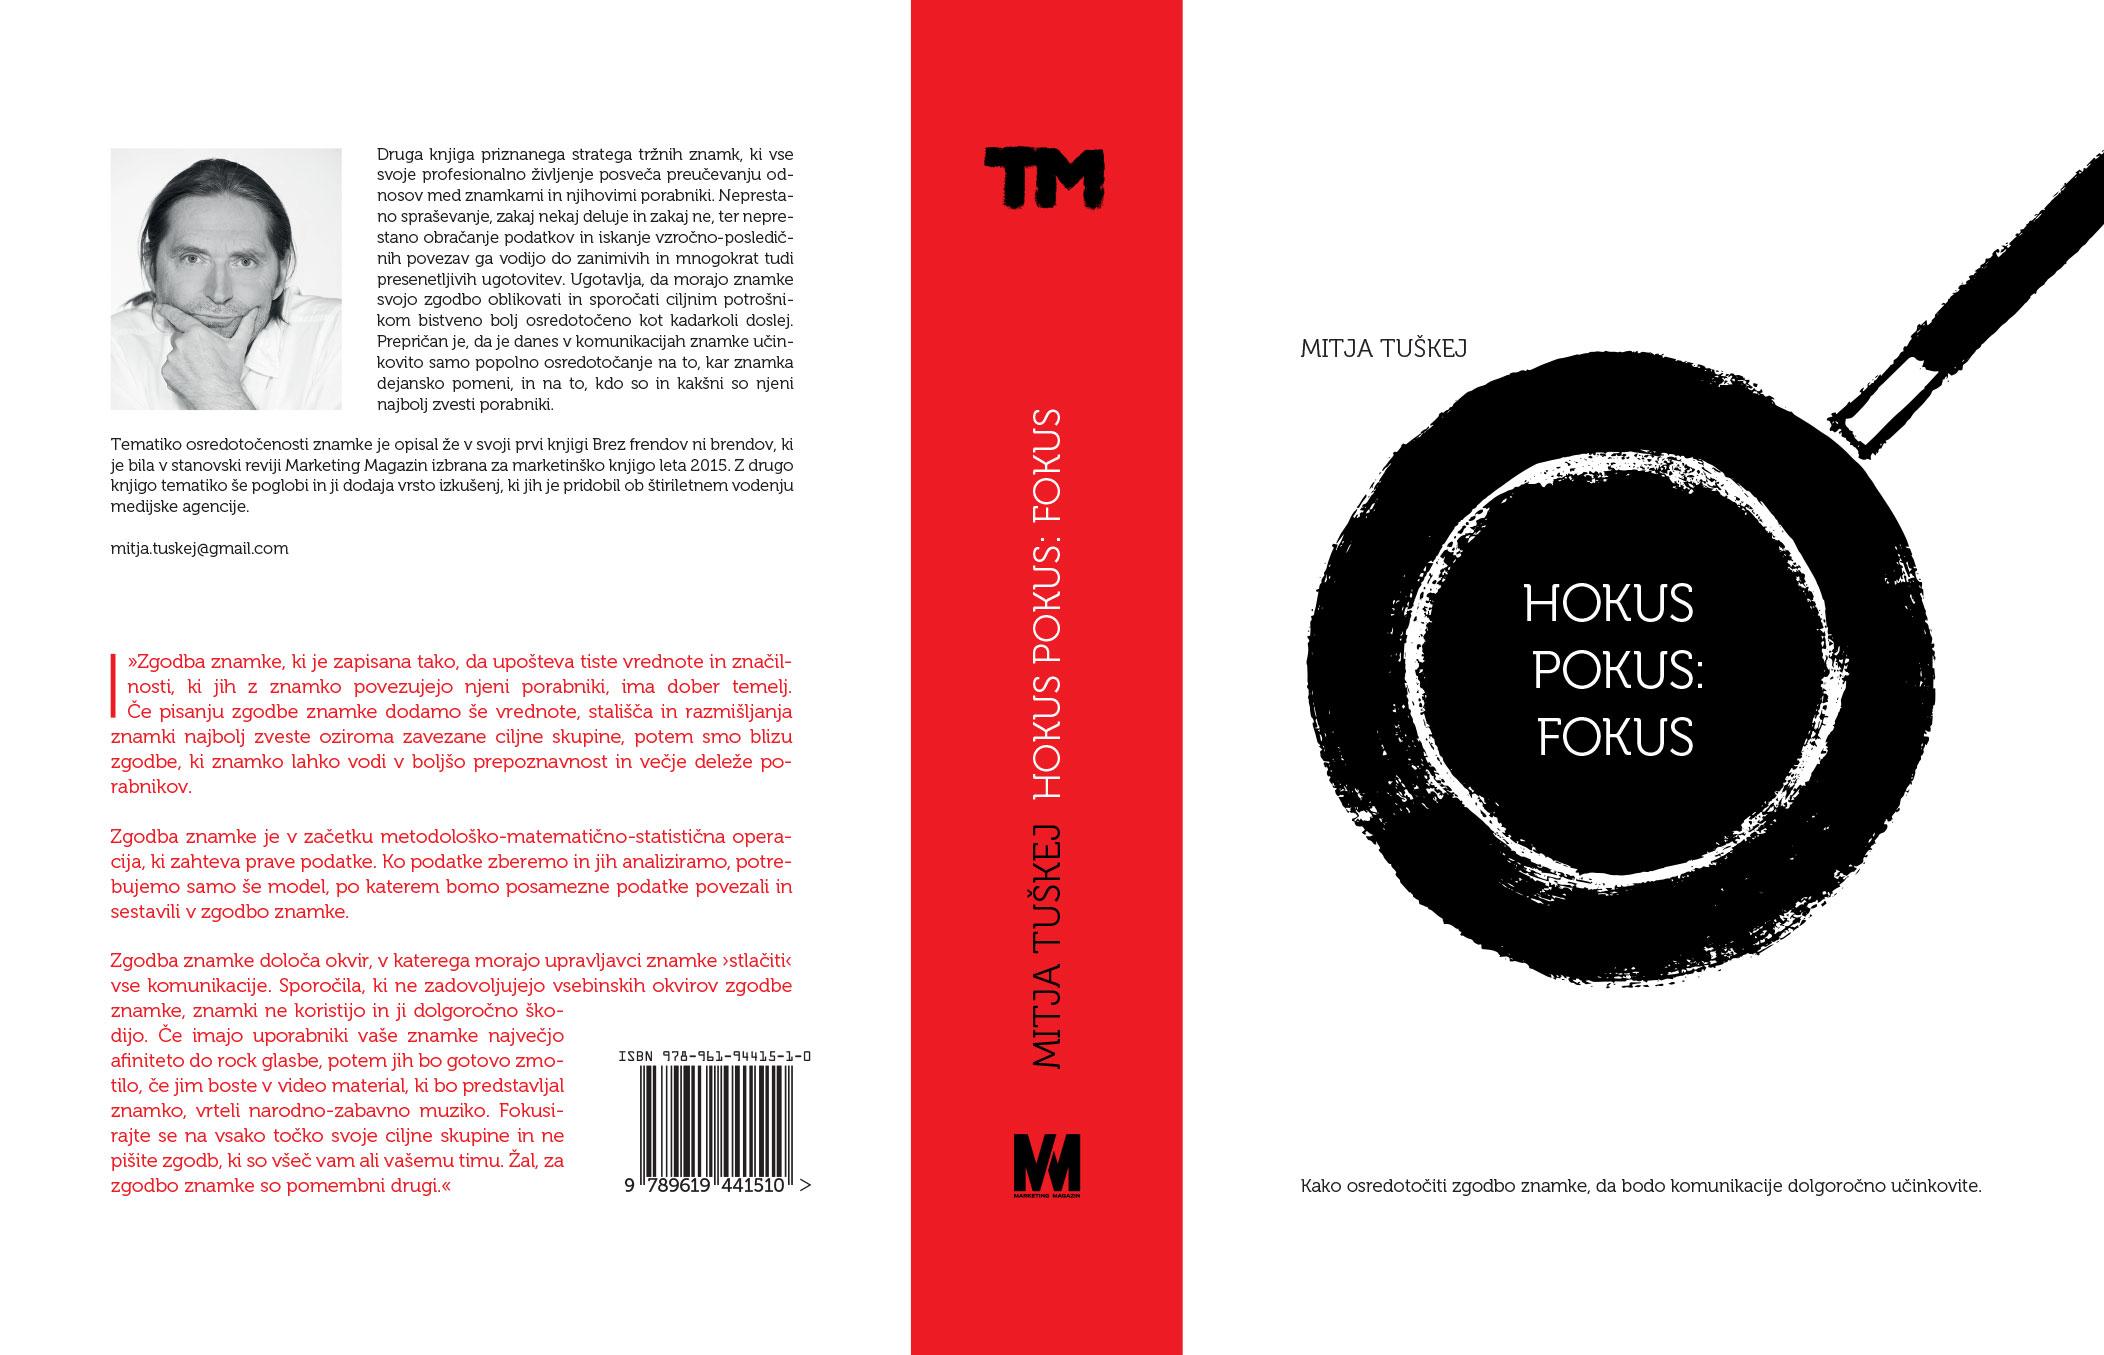 knjiga-HOKUS-POKUS-FOKUS